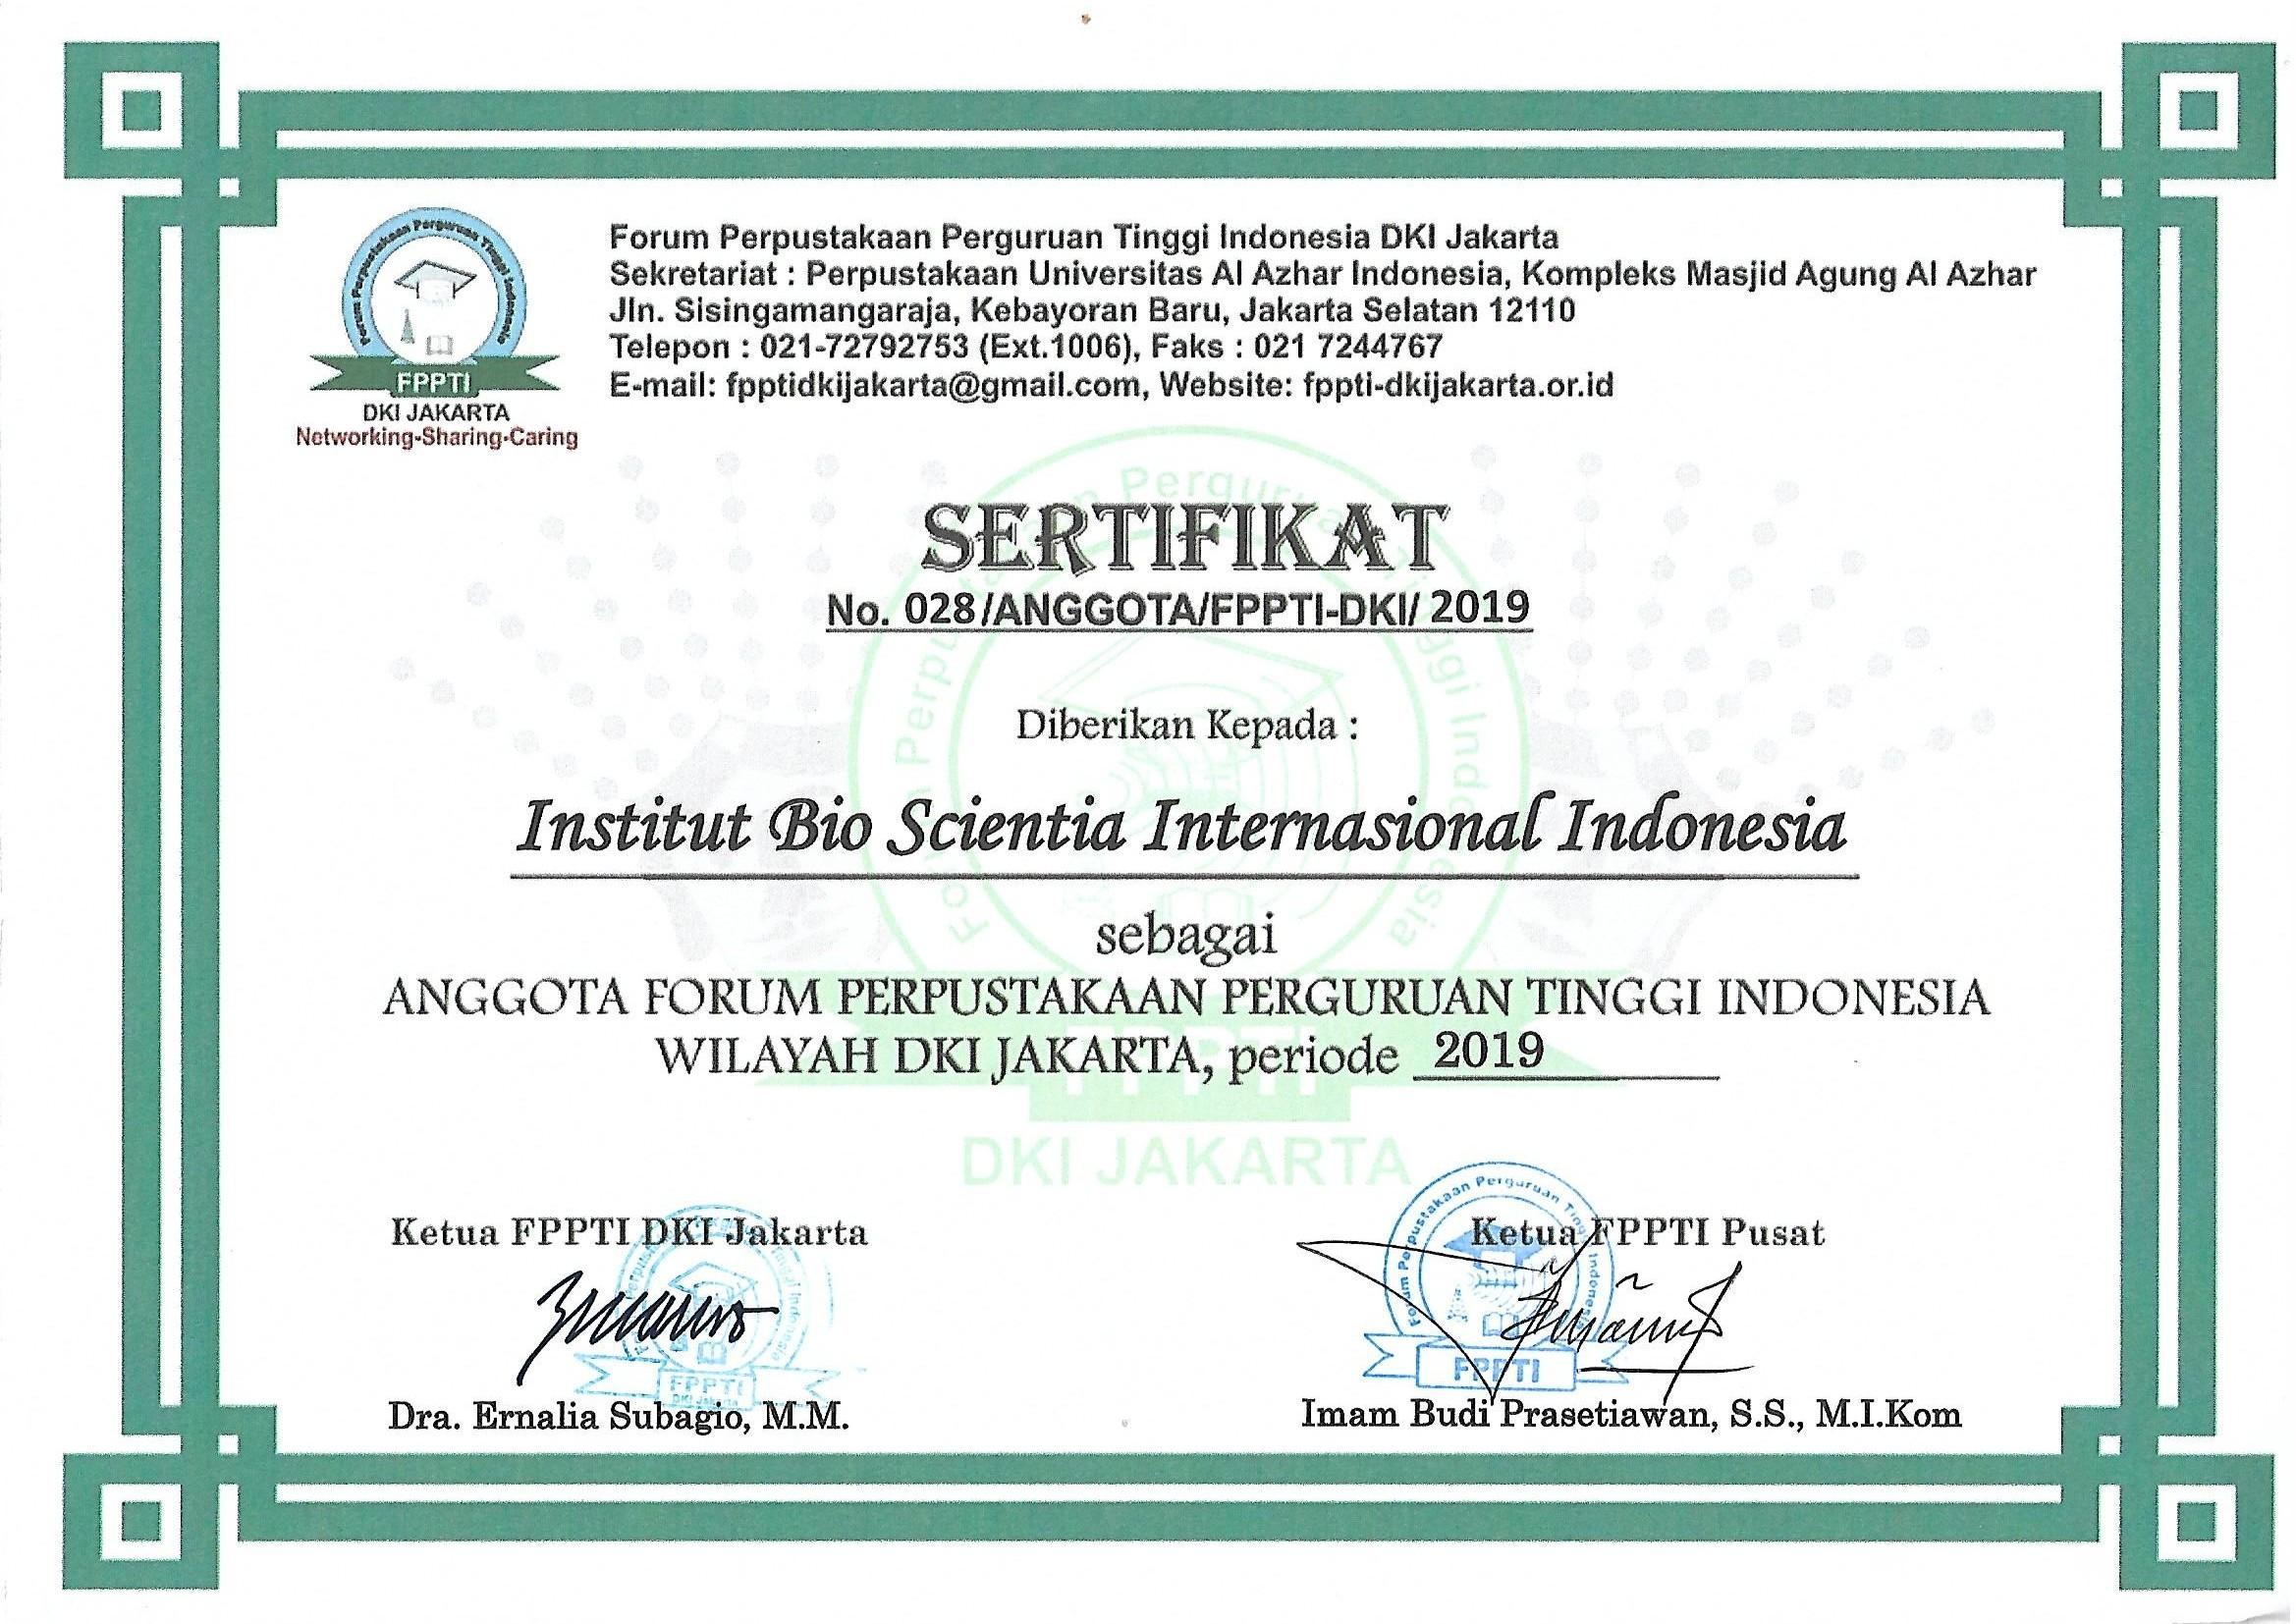 Forum Perpustakaan Perguruan Tinggi DKI Jakarta